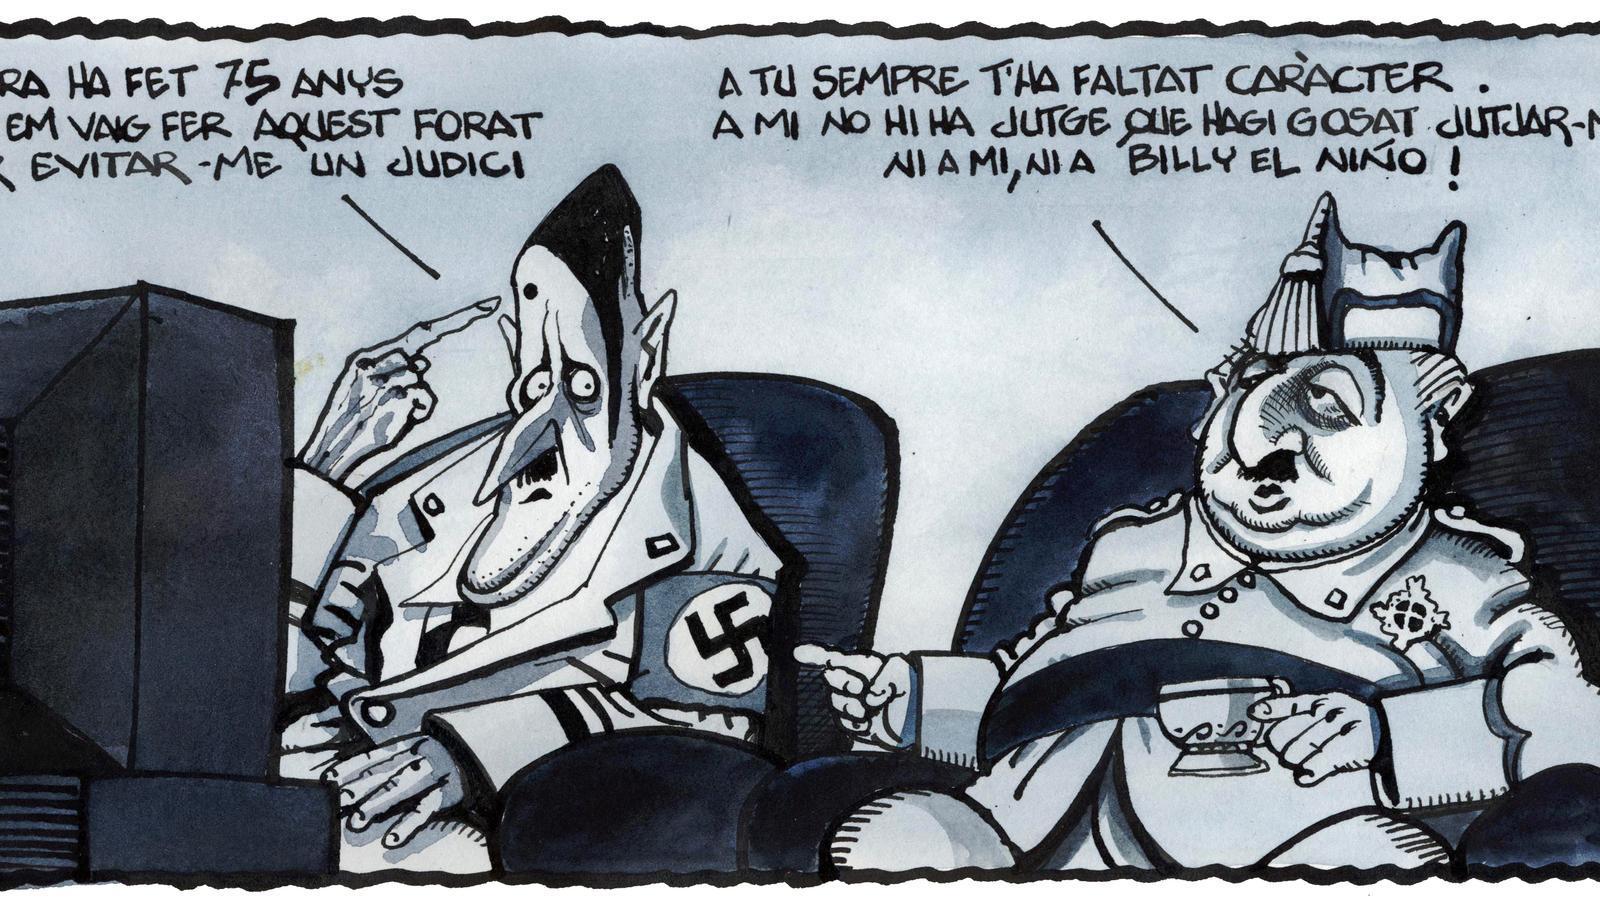 'A la contra', per Ferreres 13/05/2020